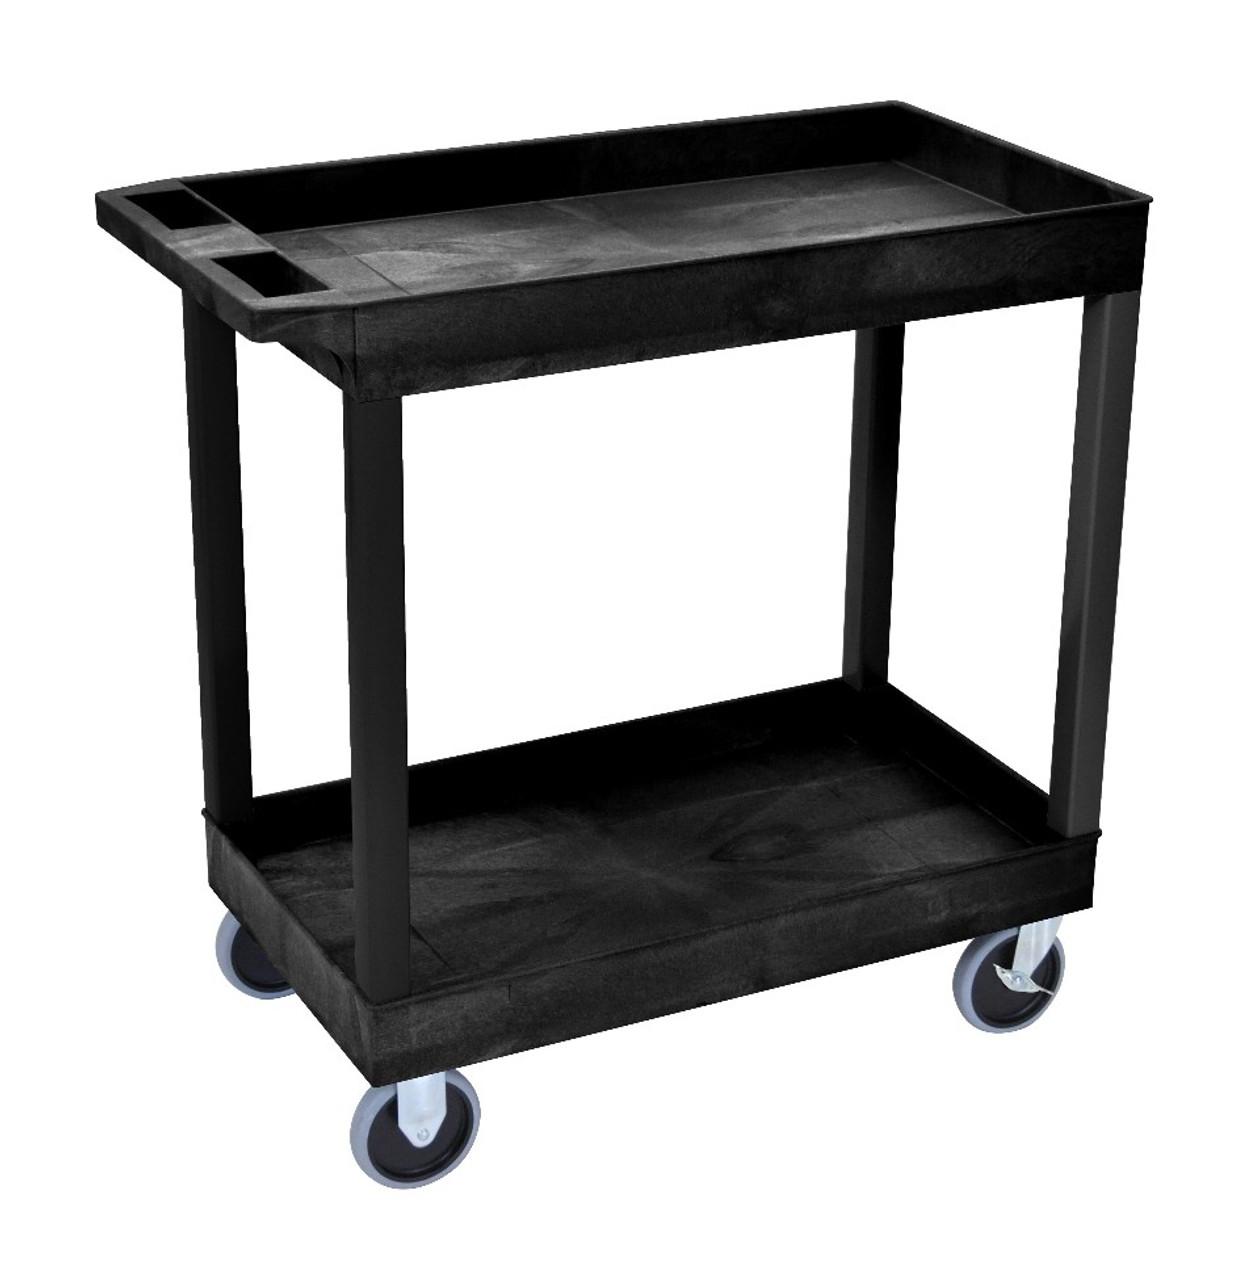 Auto Detailing Heavy Duty Black Tub Cart|Black Tub Cart 2 Shelves